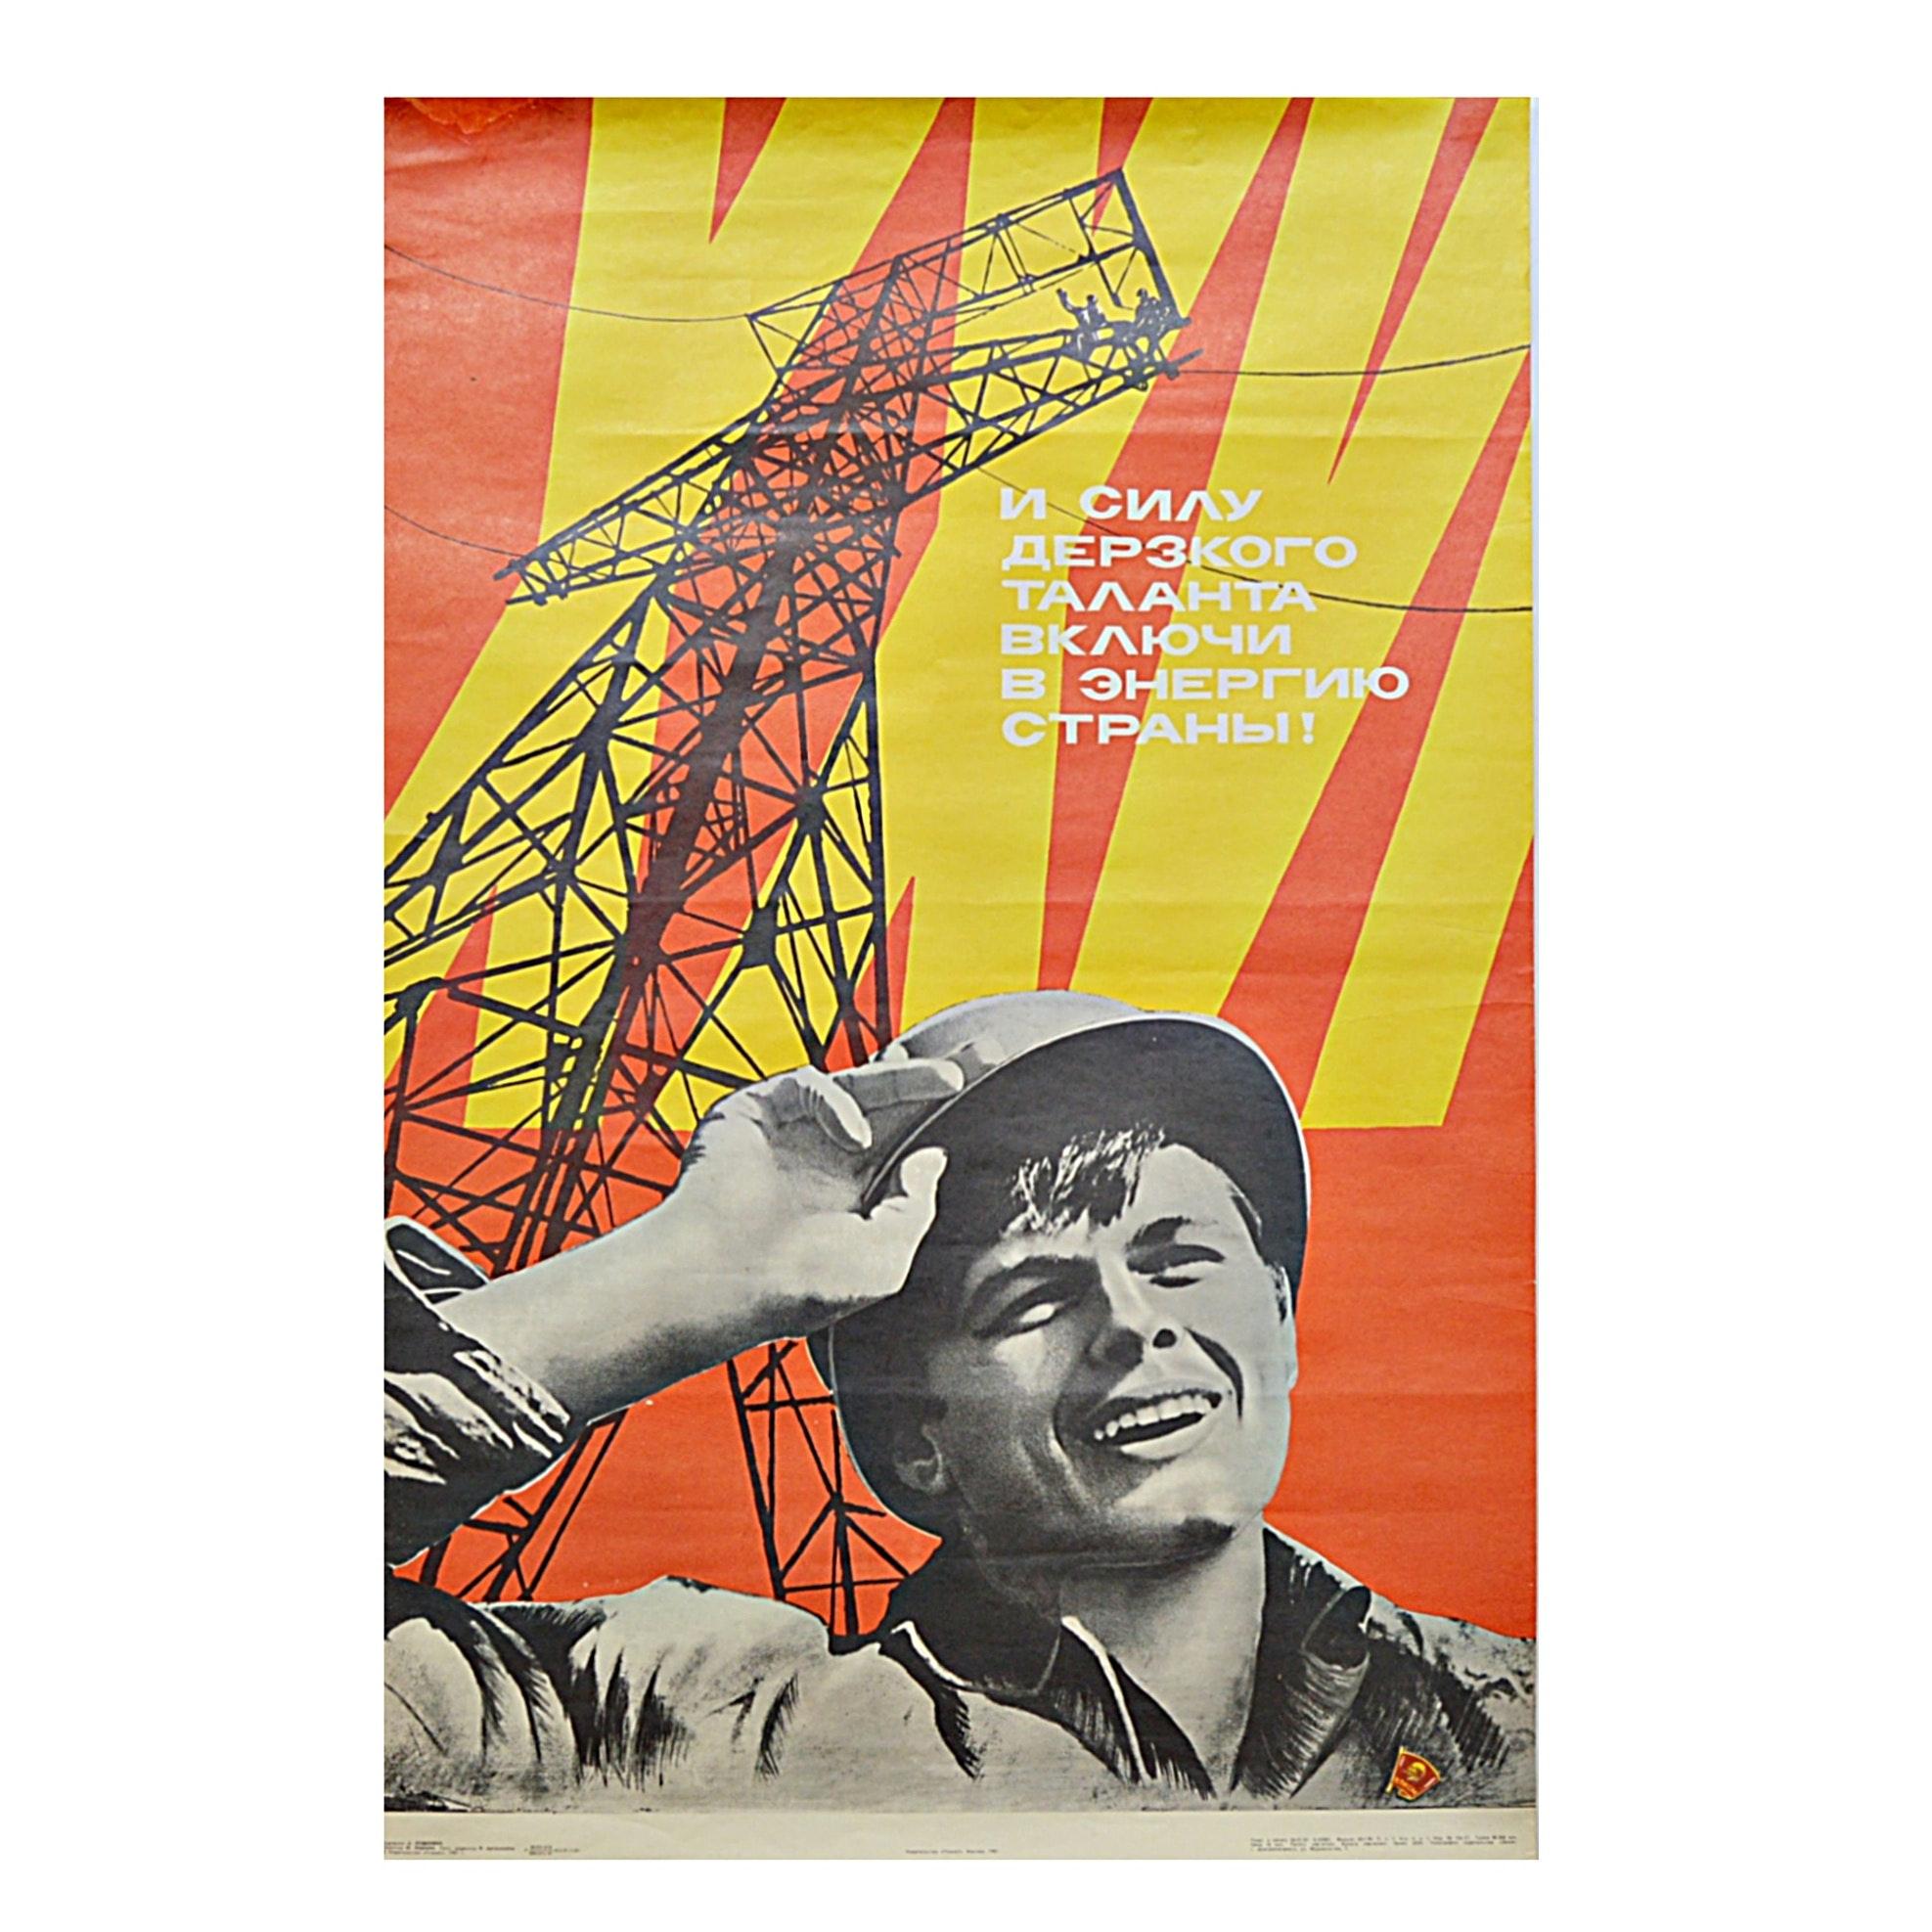 1981 Soviet Cold War Propaganda Poster